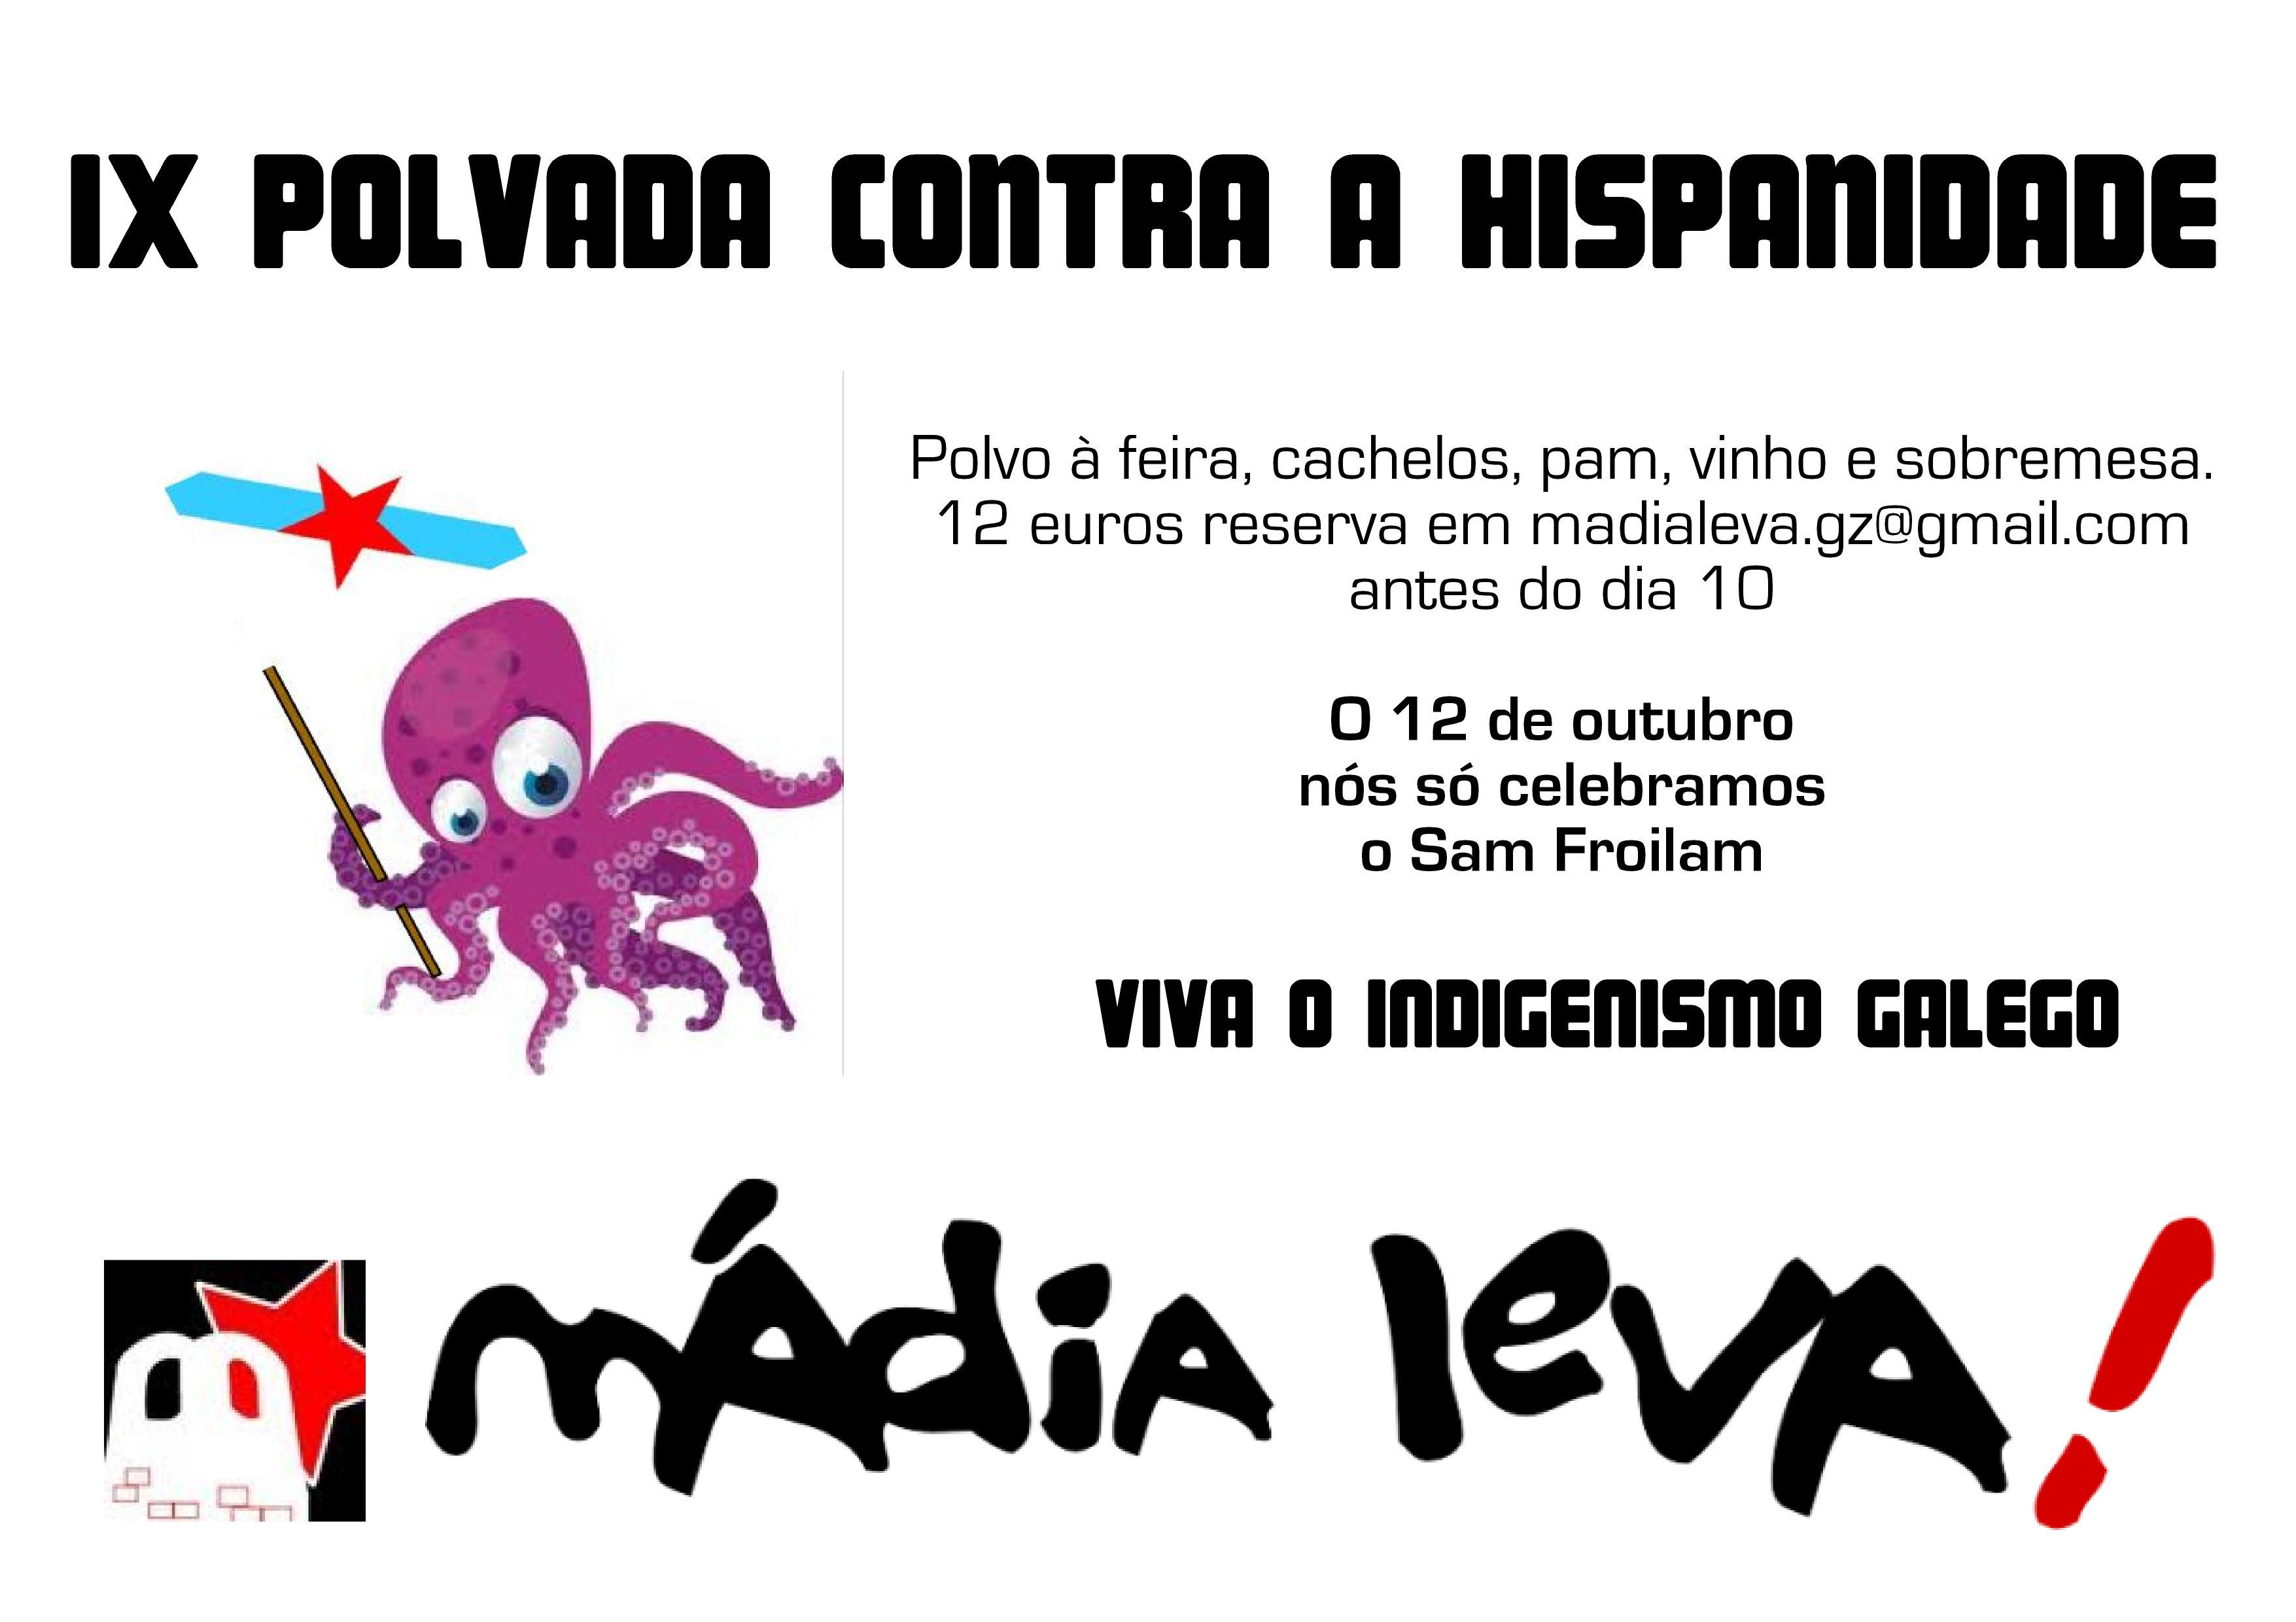 Tambm E Dentro Da Nossa Programaom Das Festas O Dia 12 De Outubro Celebramos A IX Ediom Polvada Contra Hispanidade Aponta Te Antes Do 10